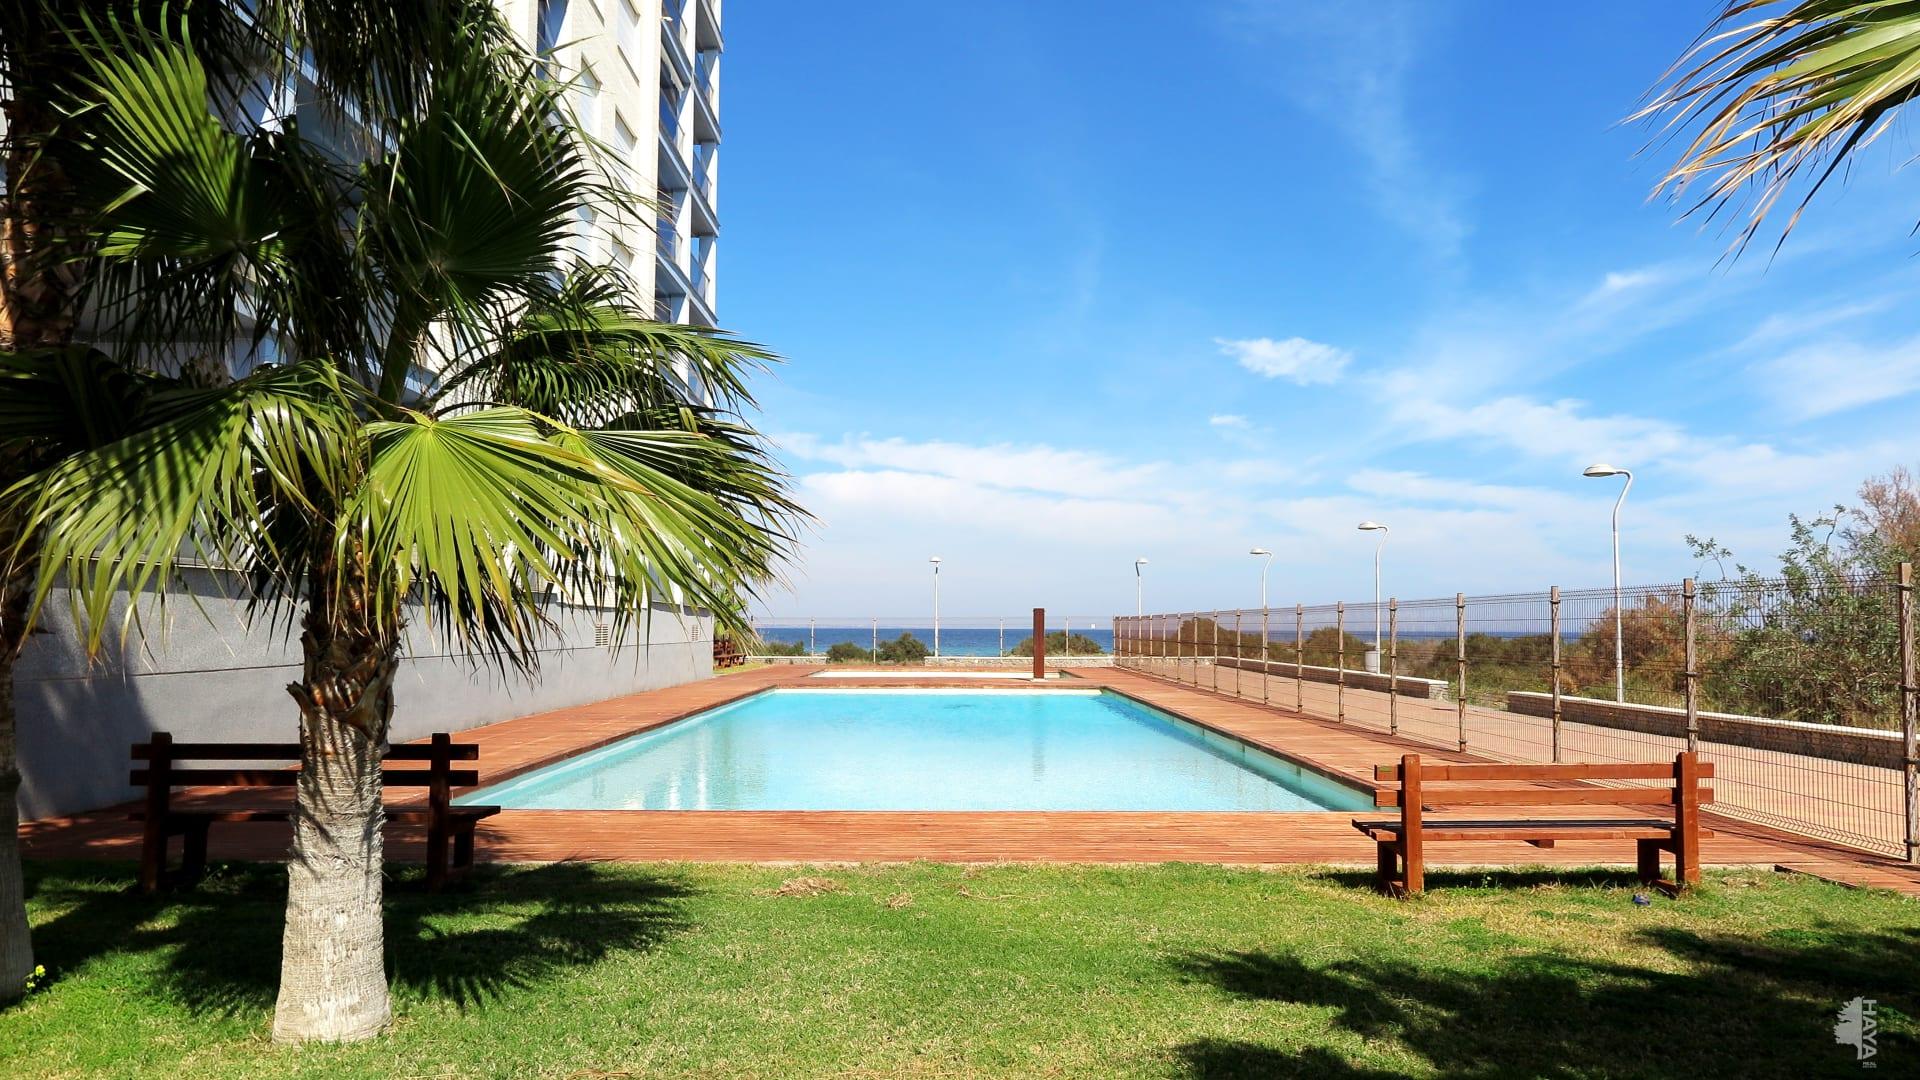 Piso en venta en Piso en San Javier, Murcia, 88.000 €, 1 habitación, 1 baño, 43 m2, Garaje